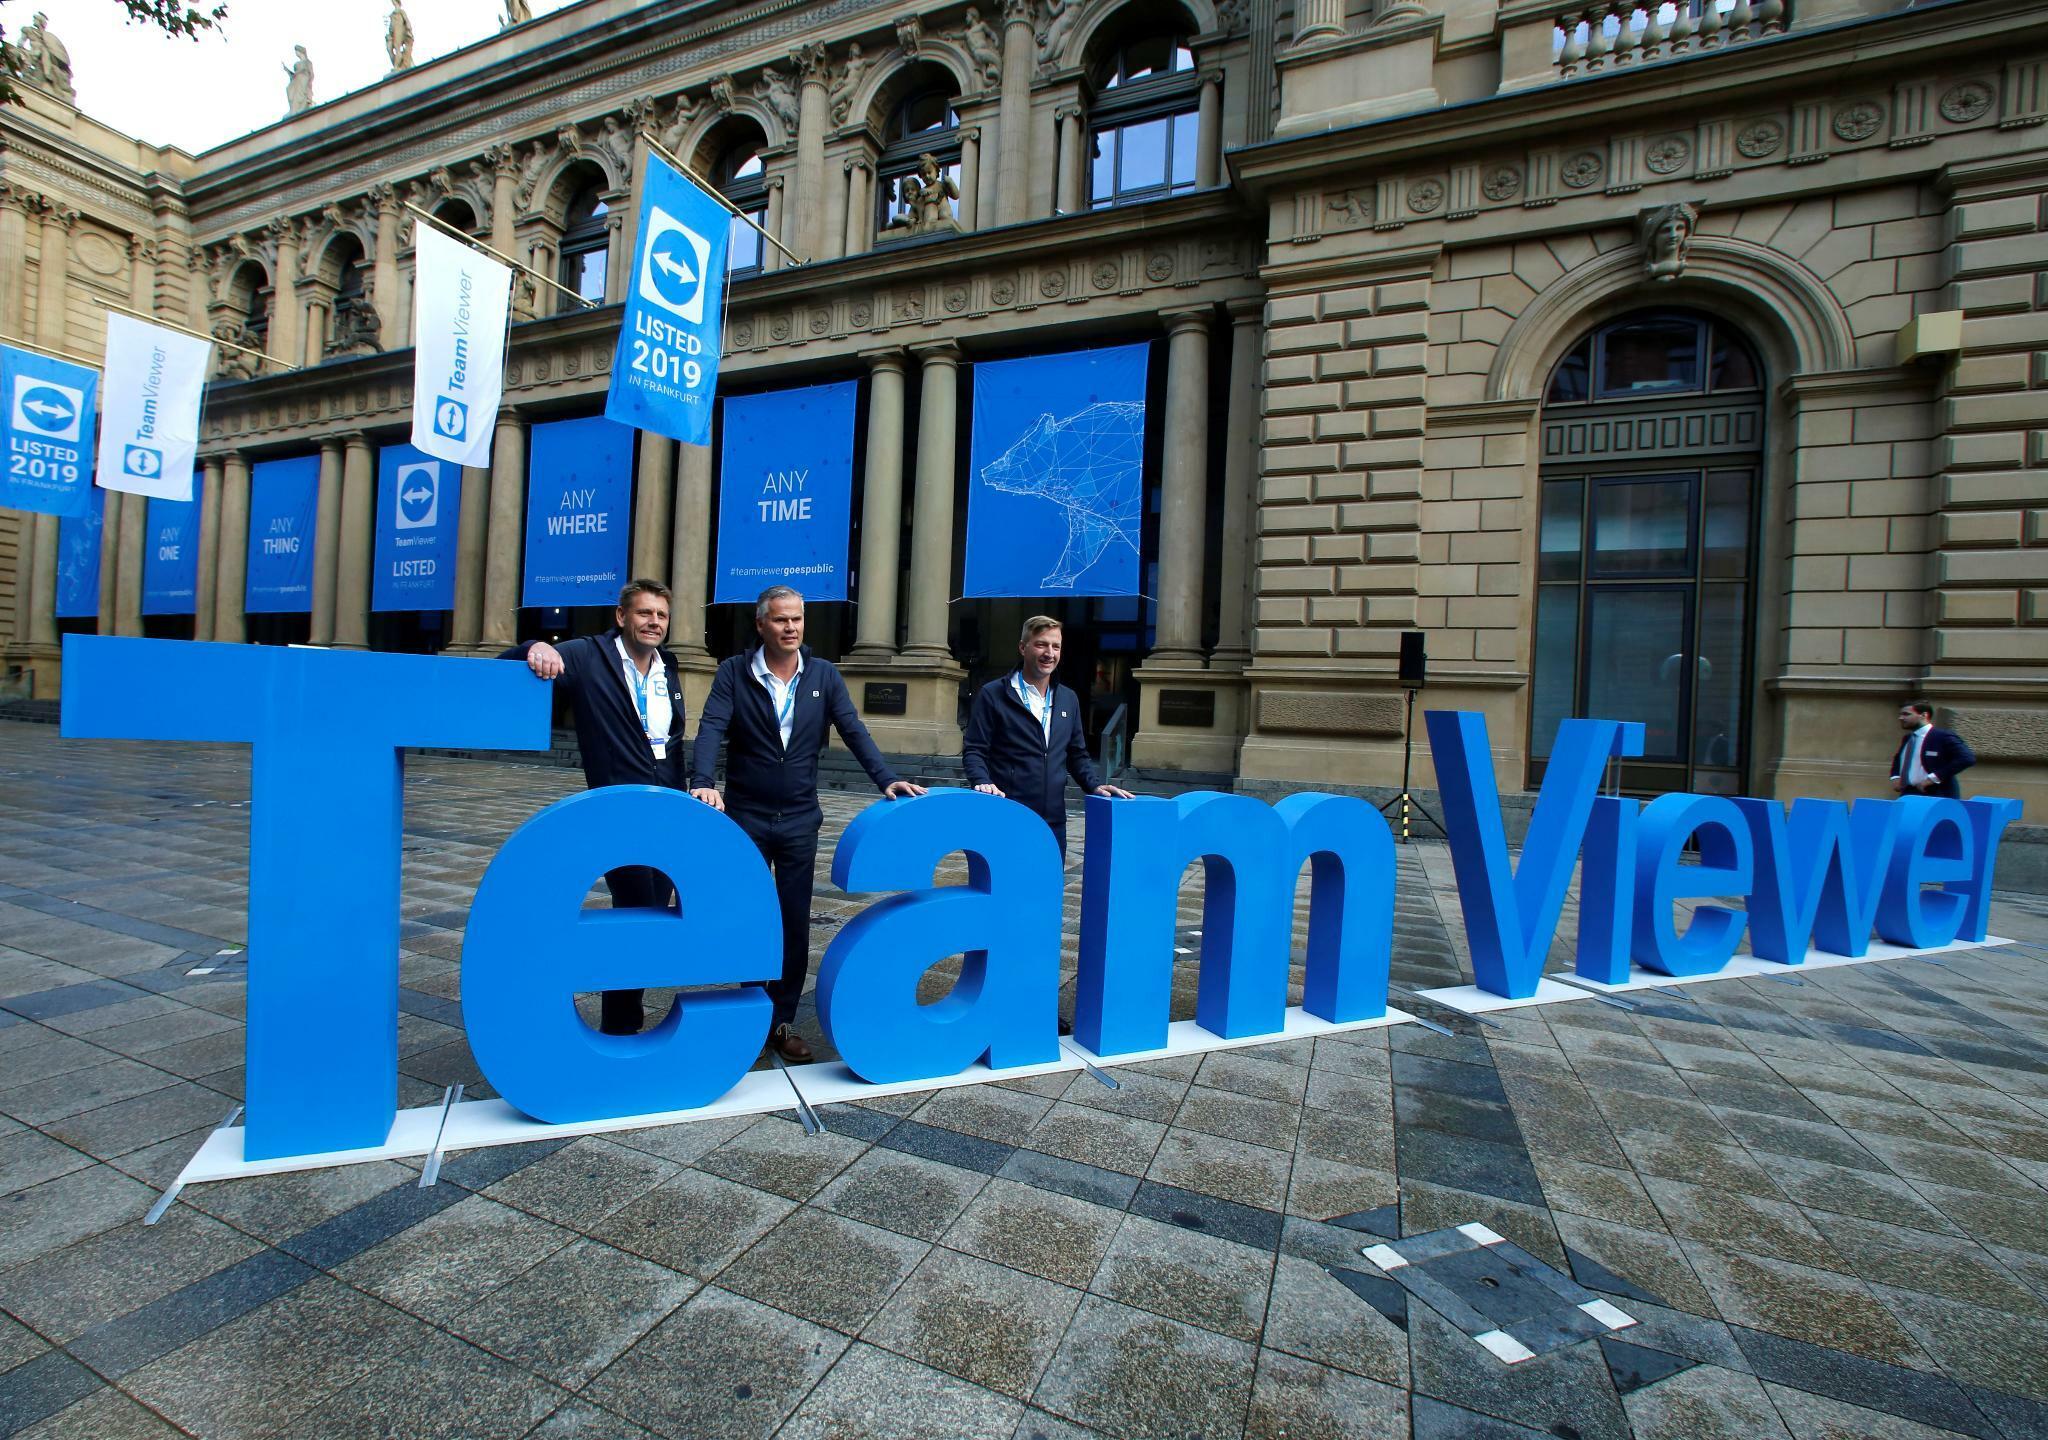 Teamviewer Aktie mit durchwachsenem Börsenstart